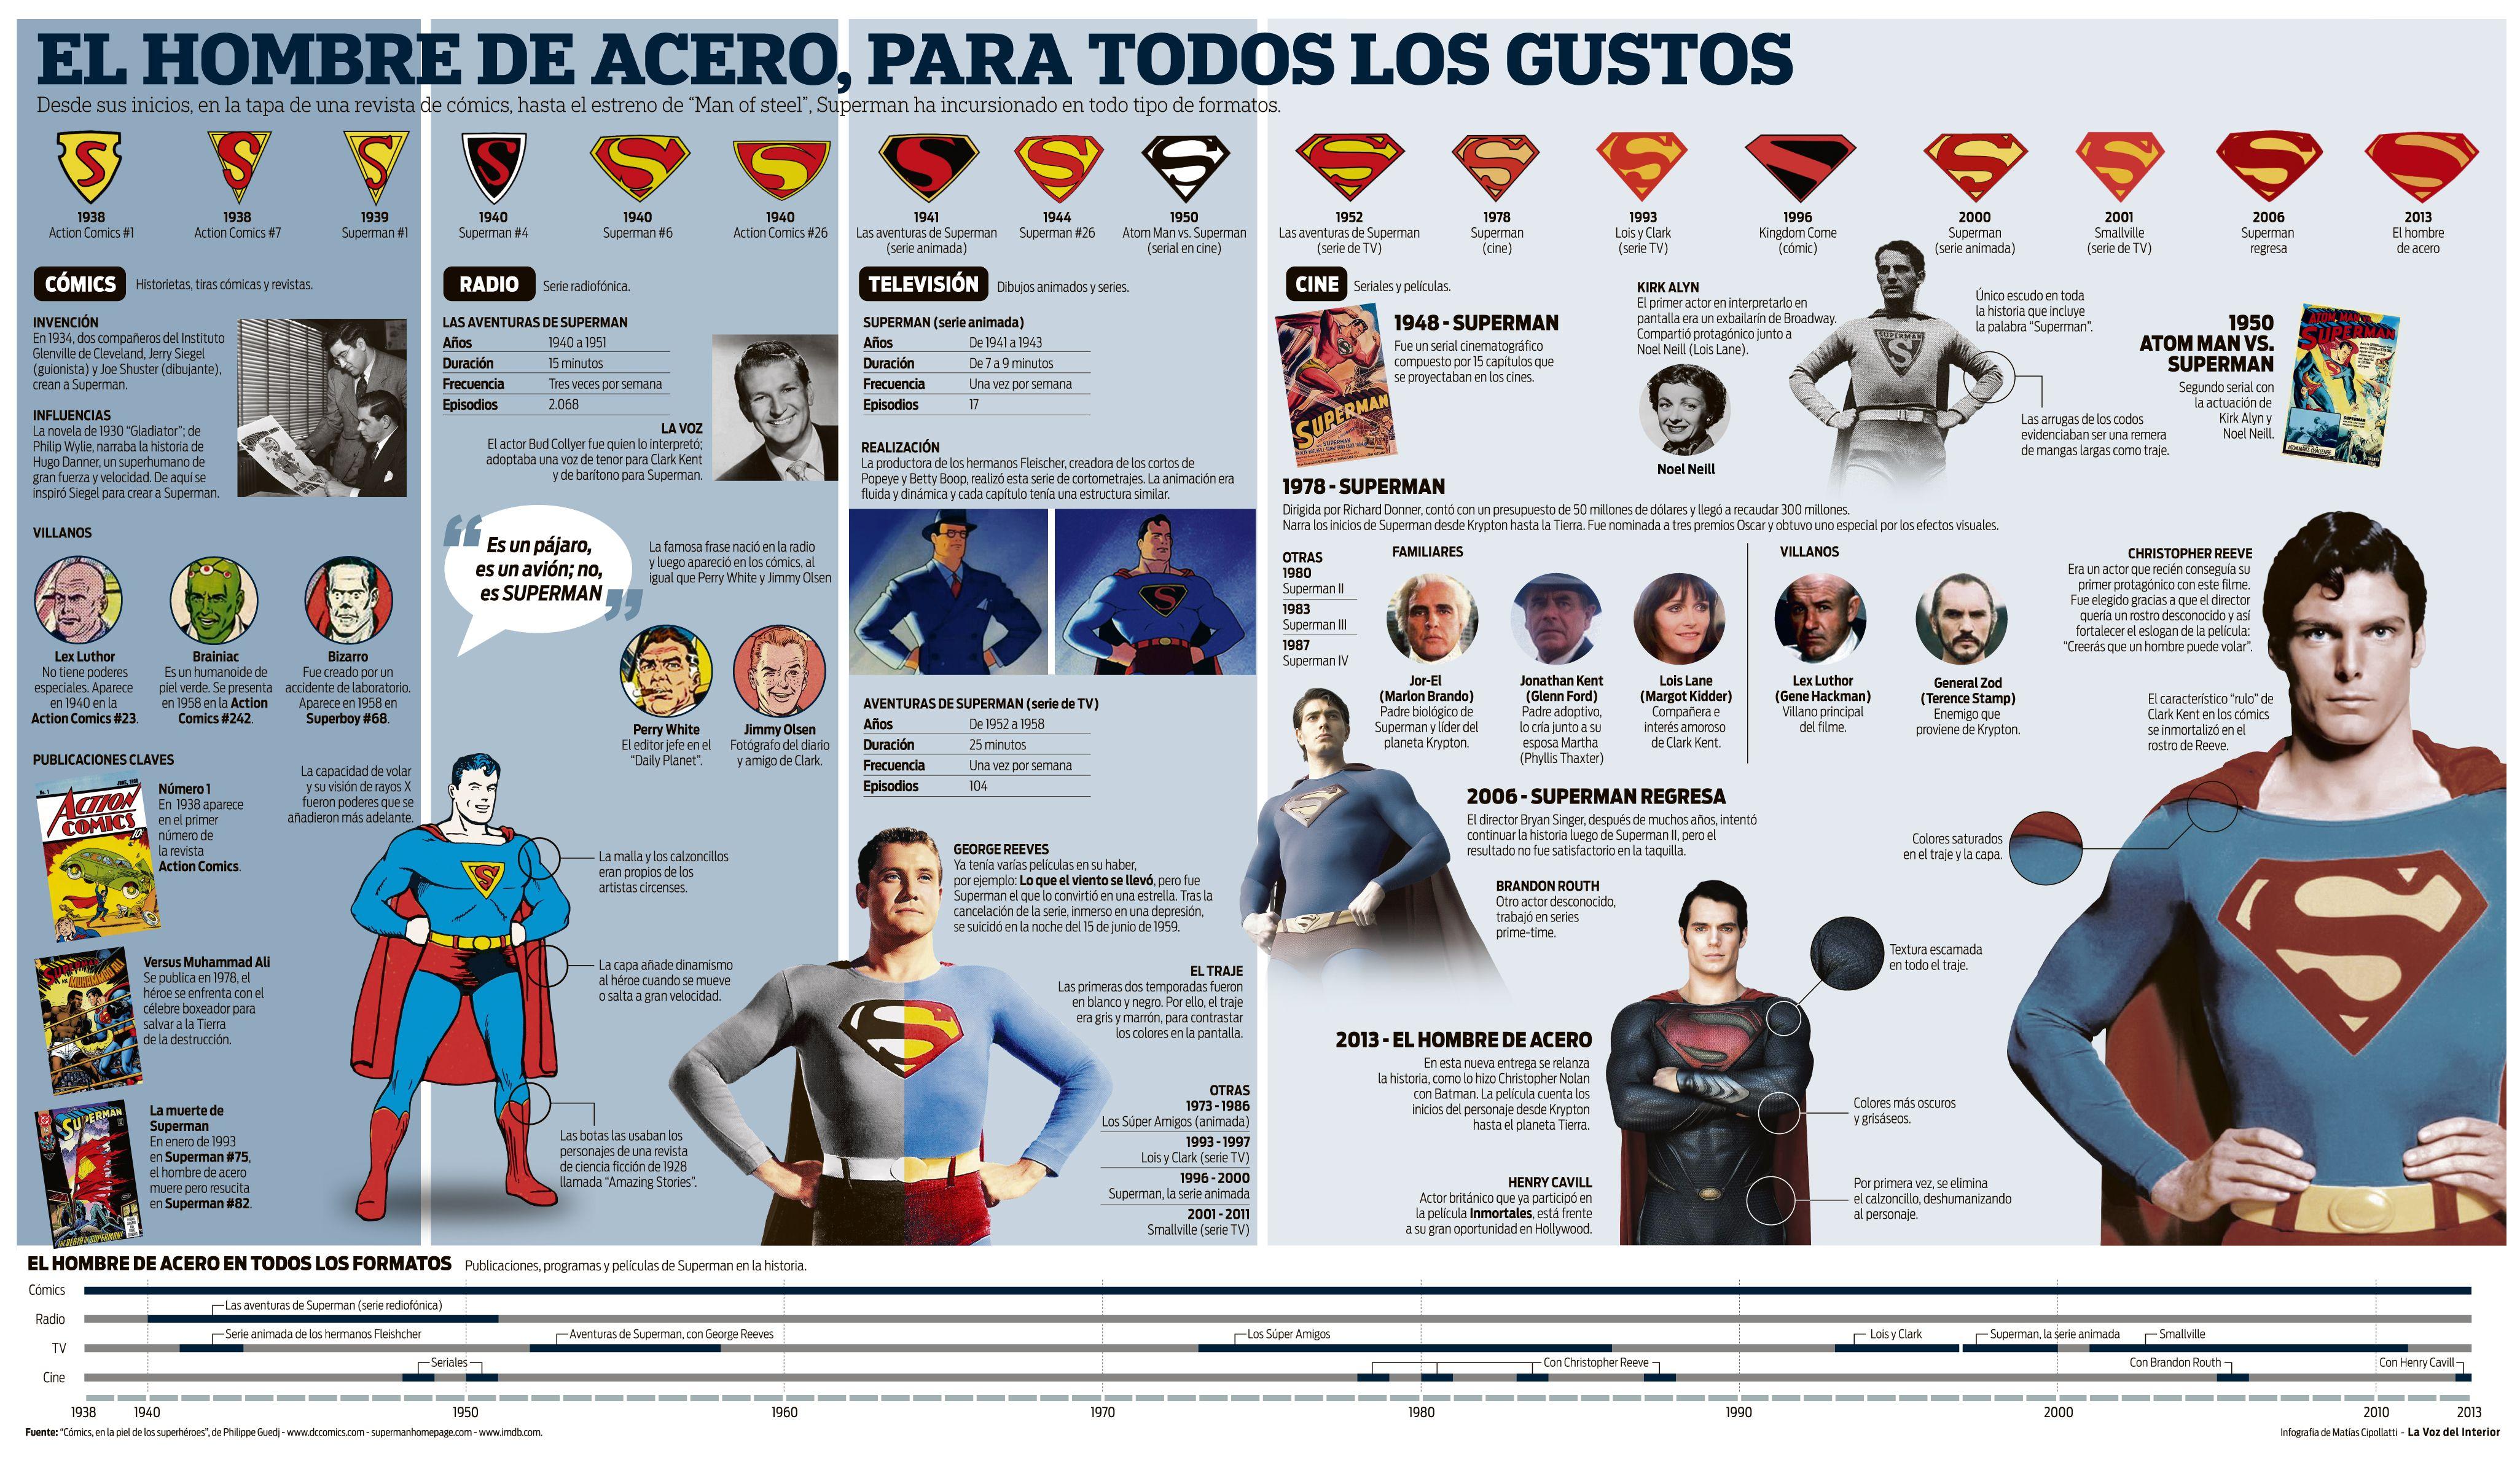 SUPERMAN en cómics, radio, TV y cine / Man of Steel cómics, radio ...